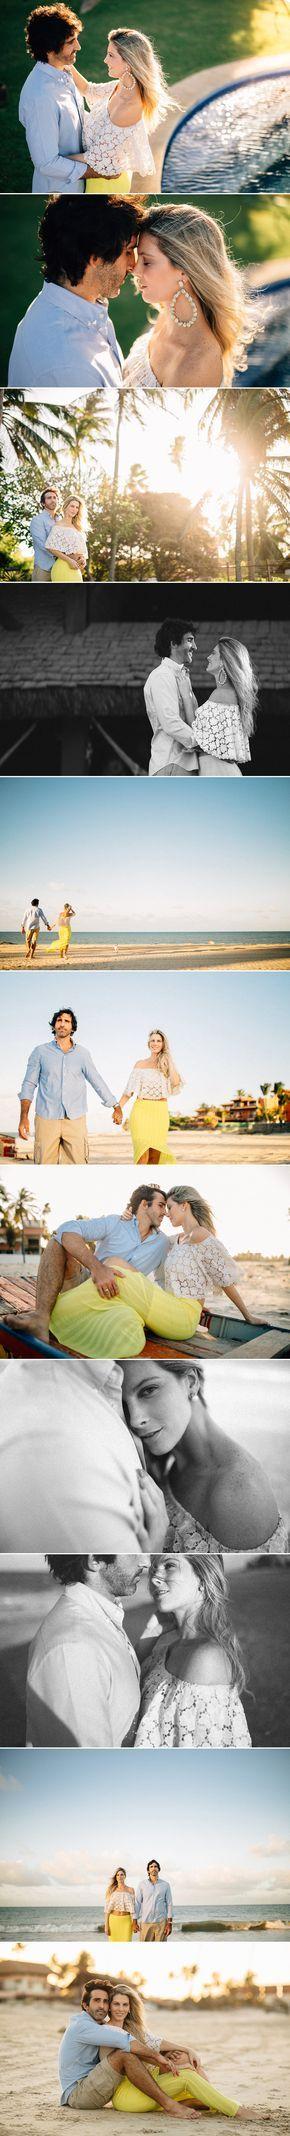 Engagement Session ideias. E-session on the beach. Brazil wedding photographer, sessão de casal na praia do cumbuco. Fotos de casal na praia.